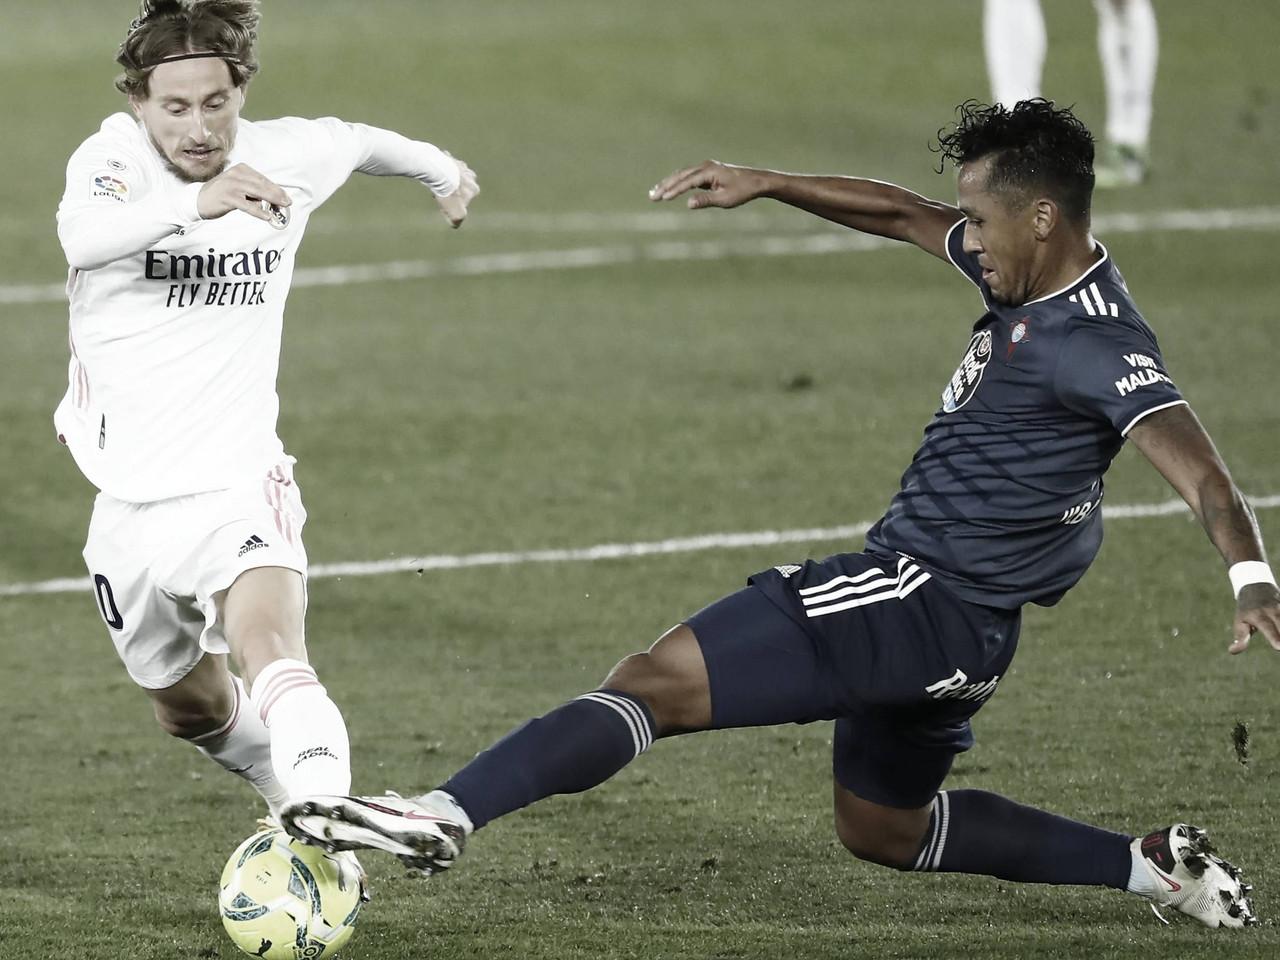 Resumen del Celta de Vigo 1-3 Real Madrid en LaLiga 2021